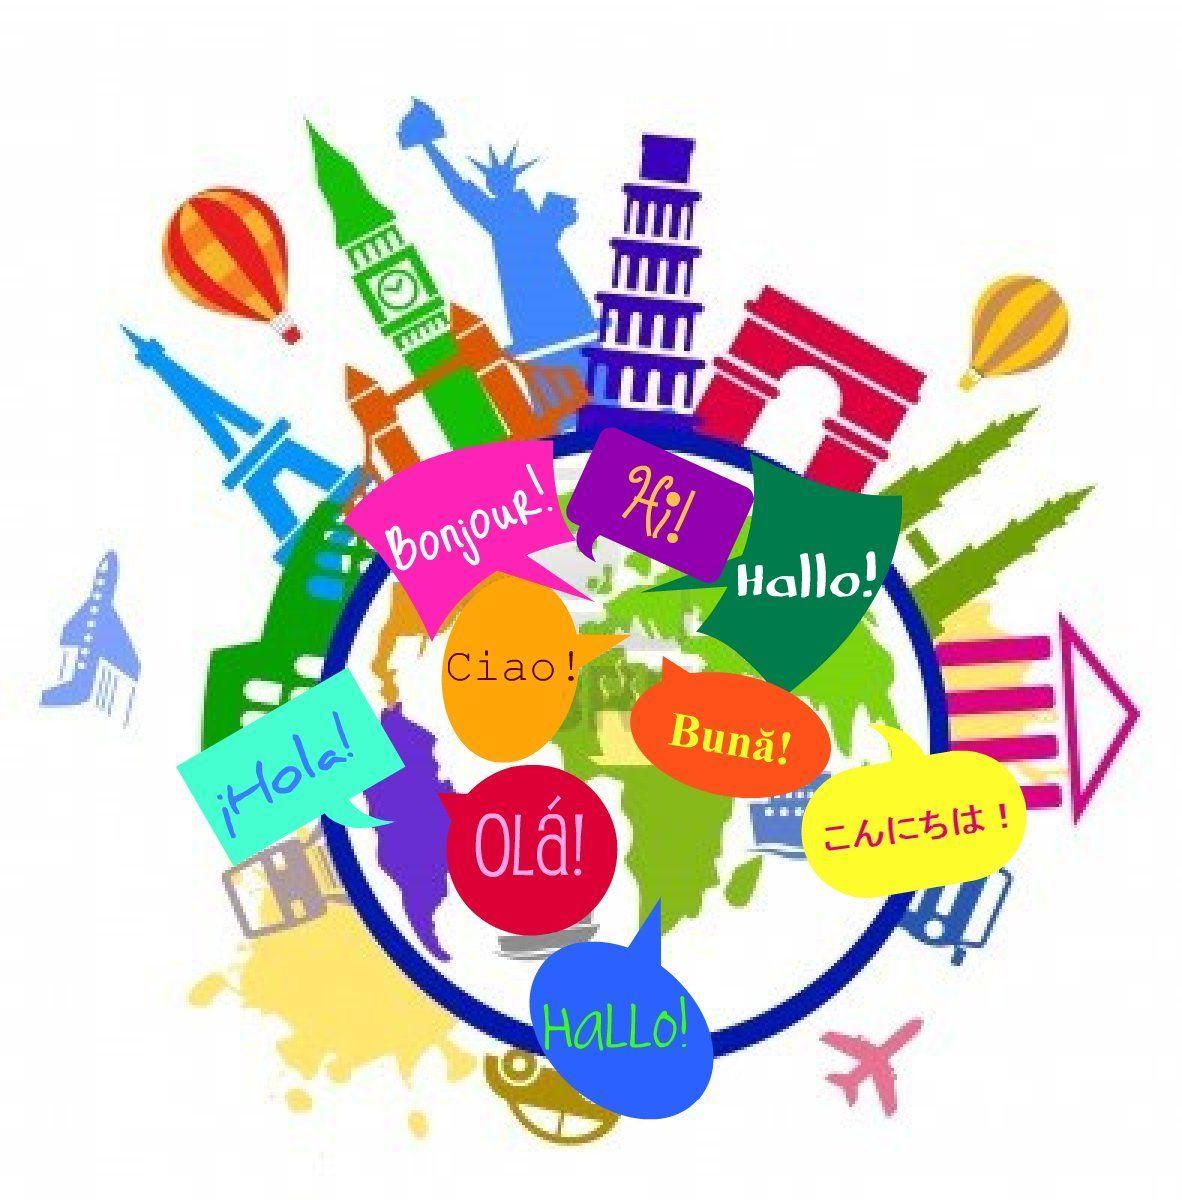 ¿Qué idioma aprenderías?